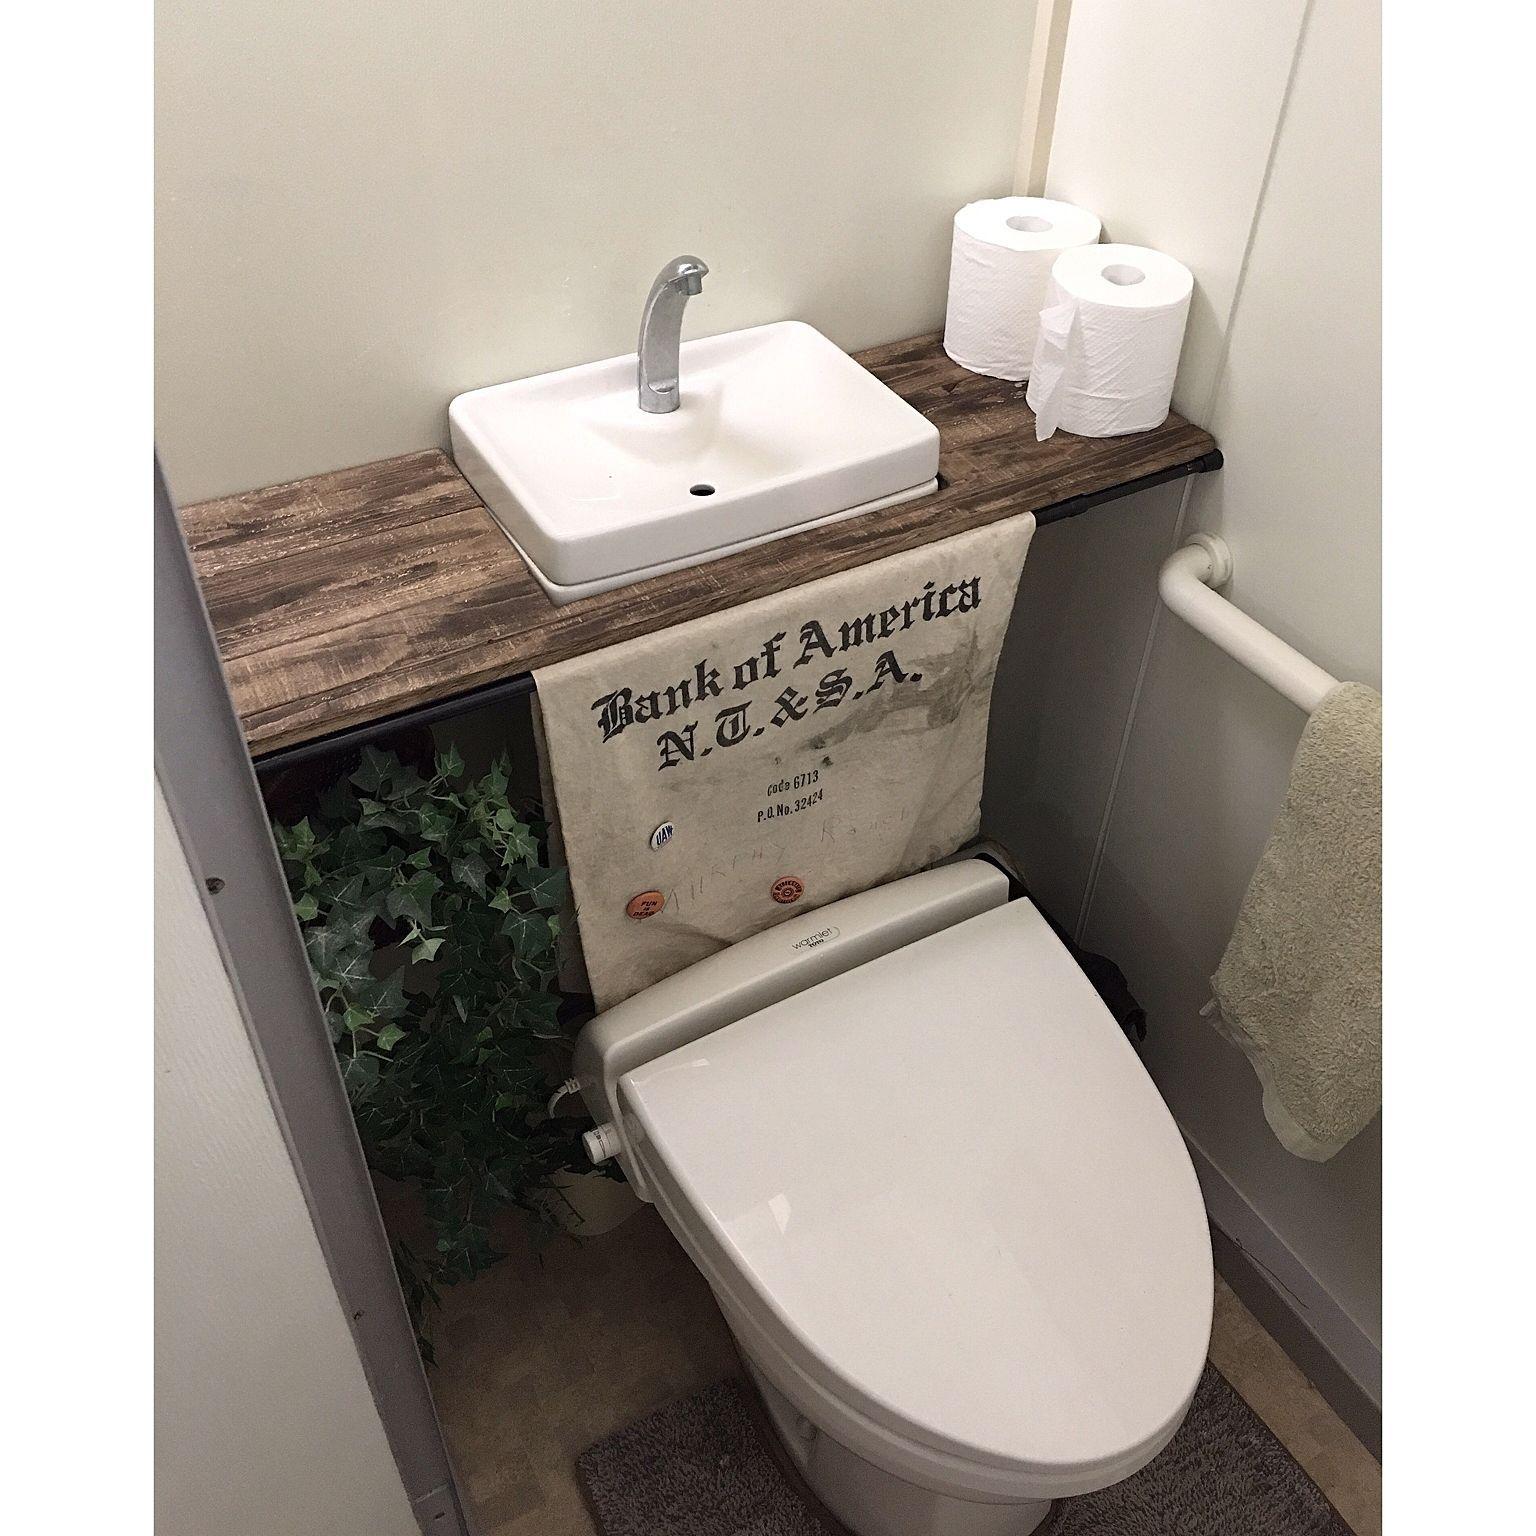 バス トイレ タンクレス風トイレ トイレタンク隠し Diy トイレ改造計画